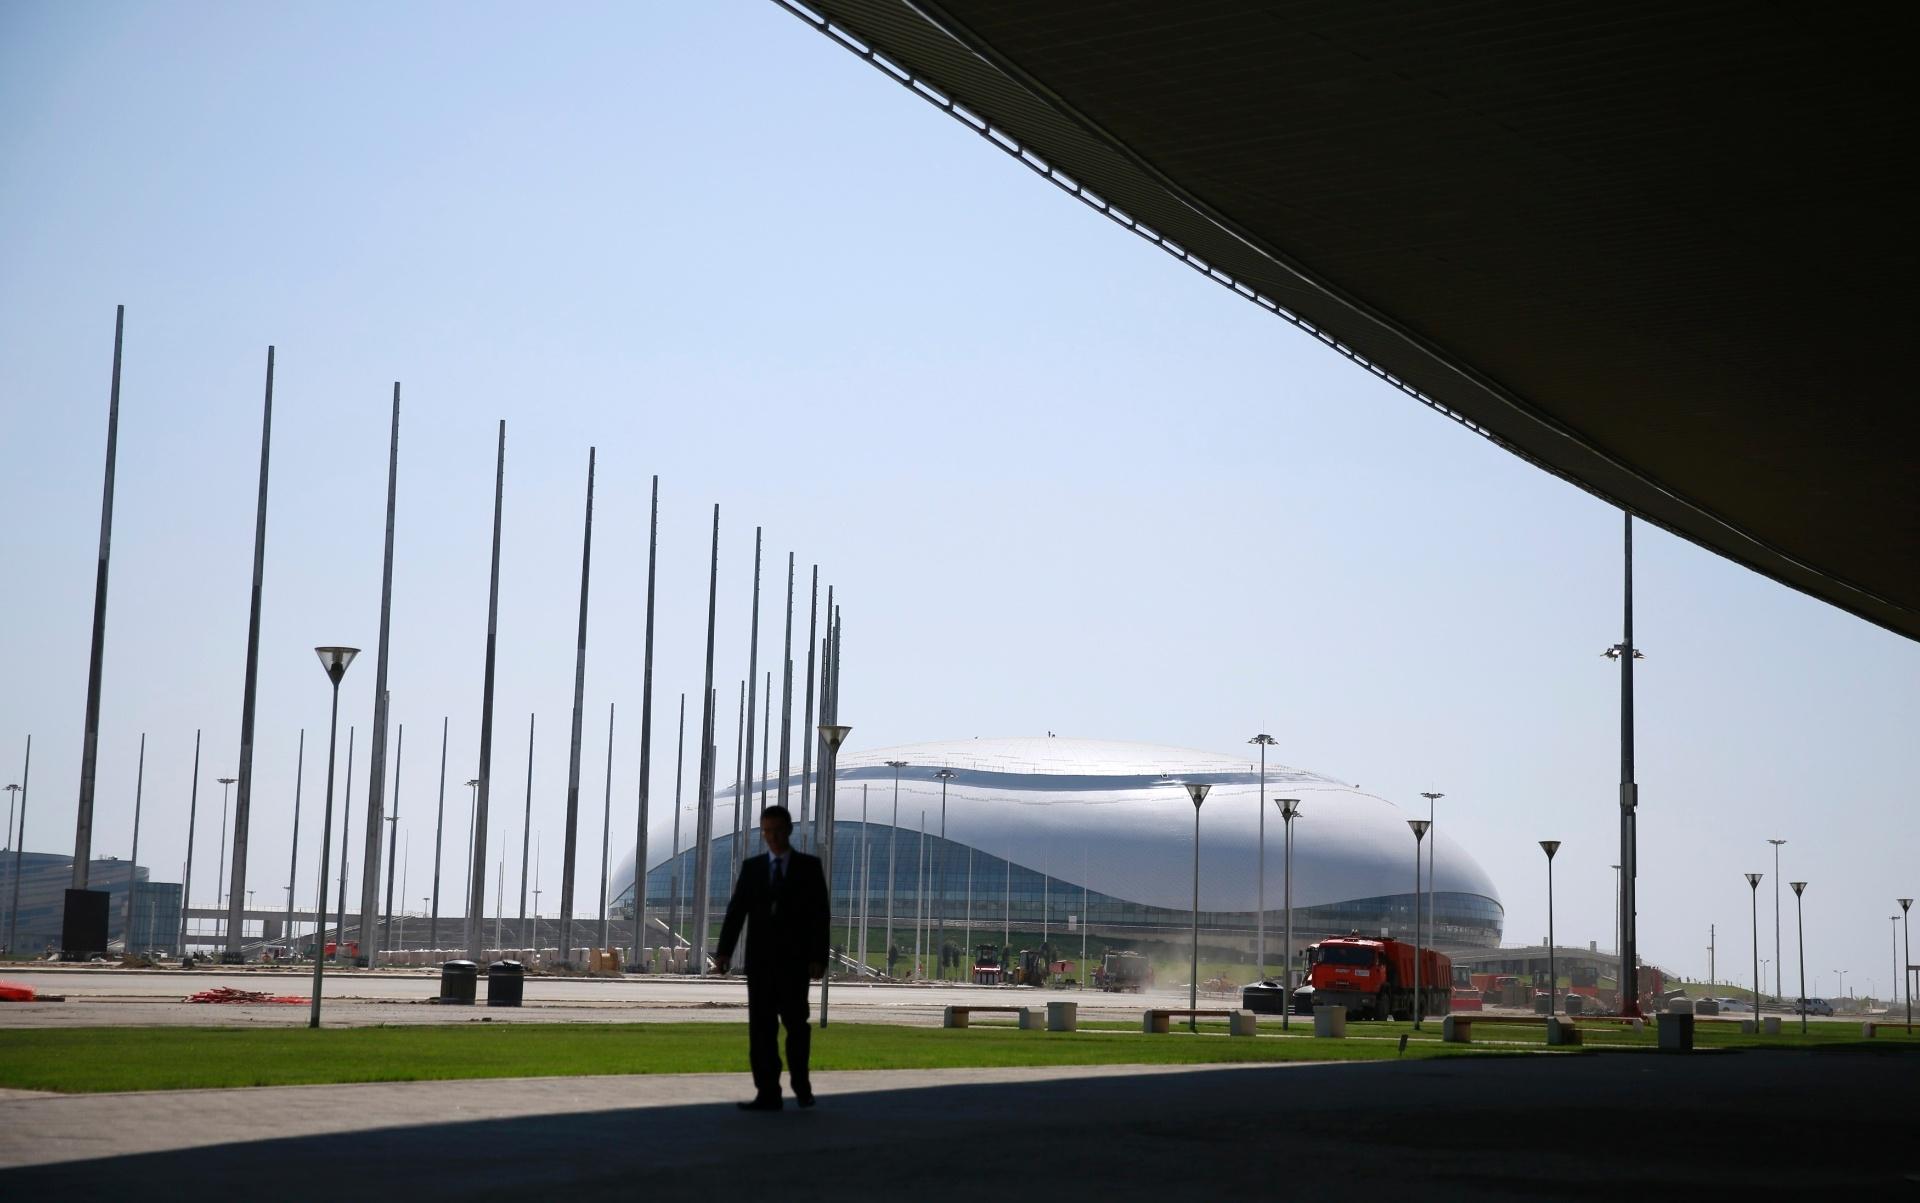 20.ago.2013 - Imagem mostra a área exterior do Bolshoy Ice Dome, que receberá partidas de hóquei nos Jogos de inverno de Sochi-2014